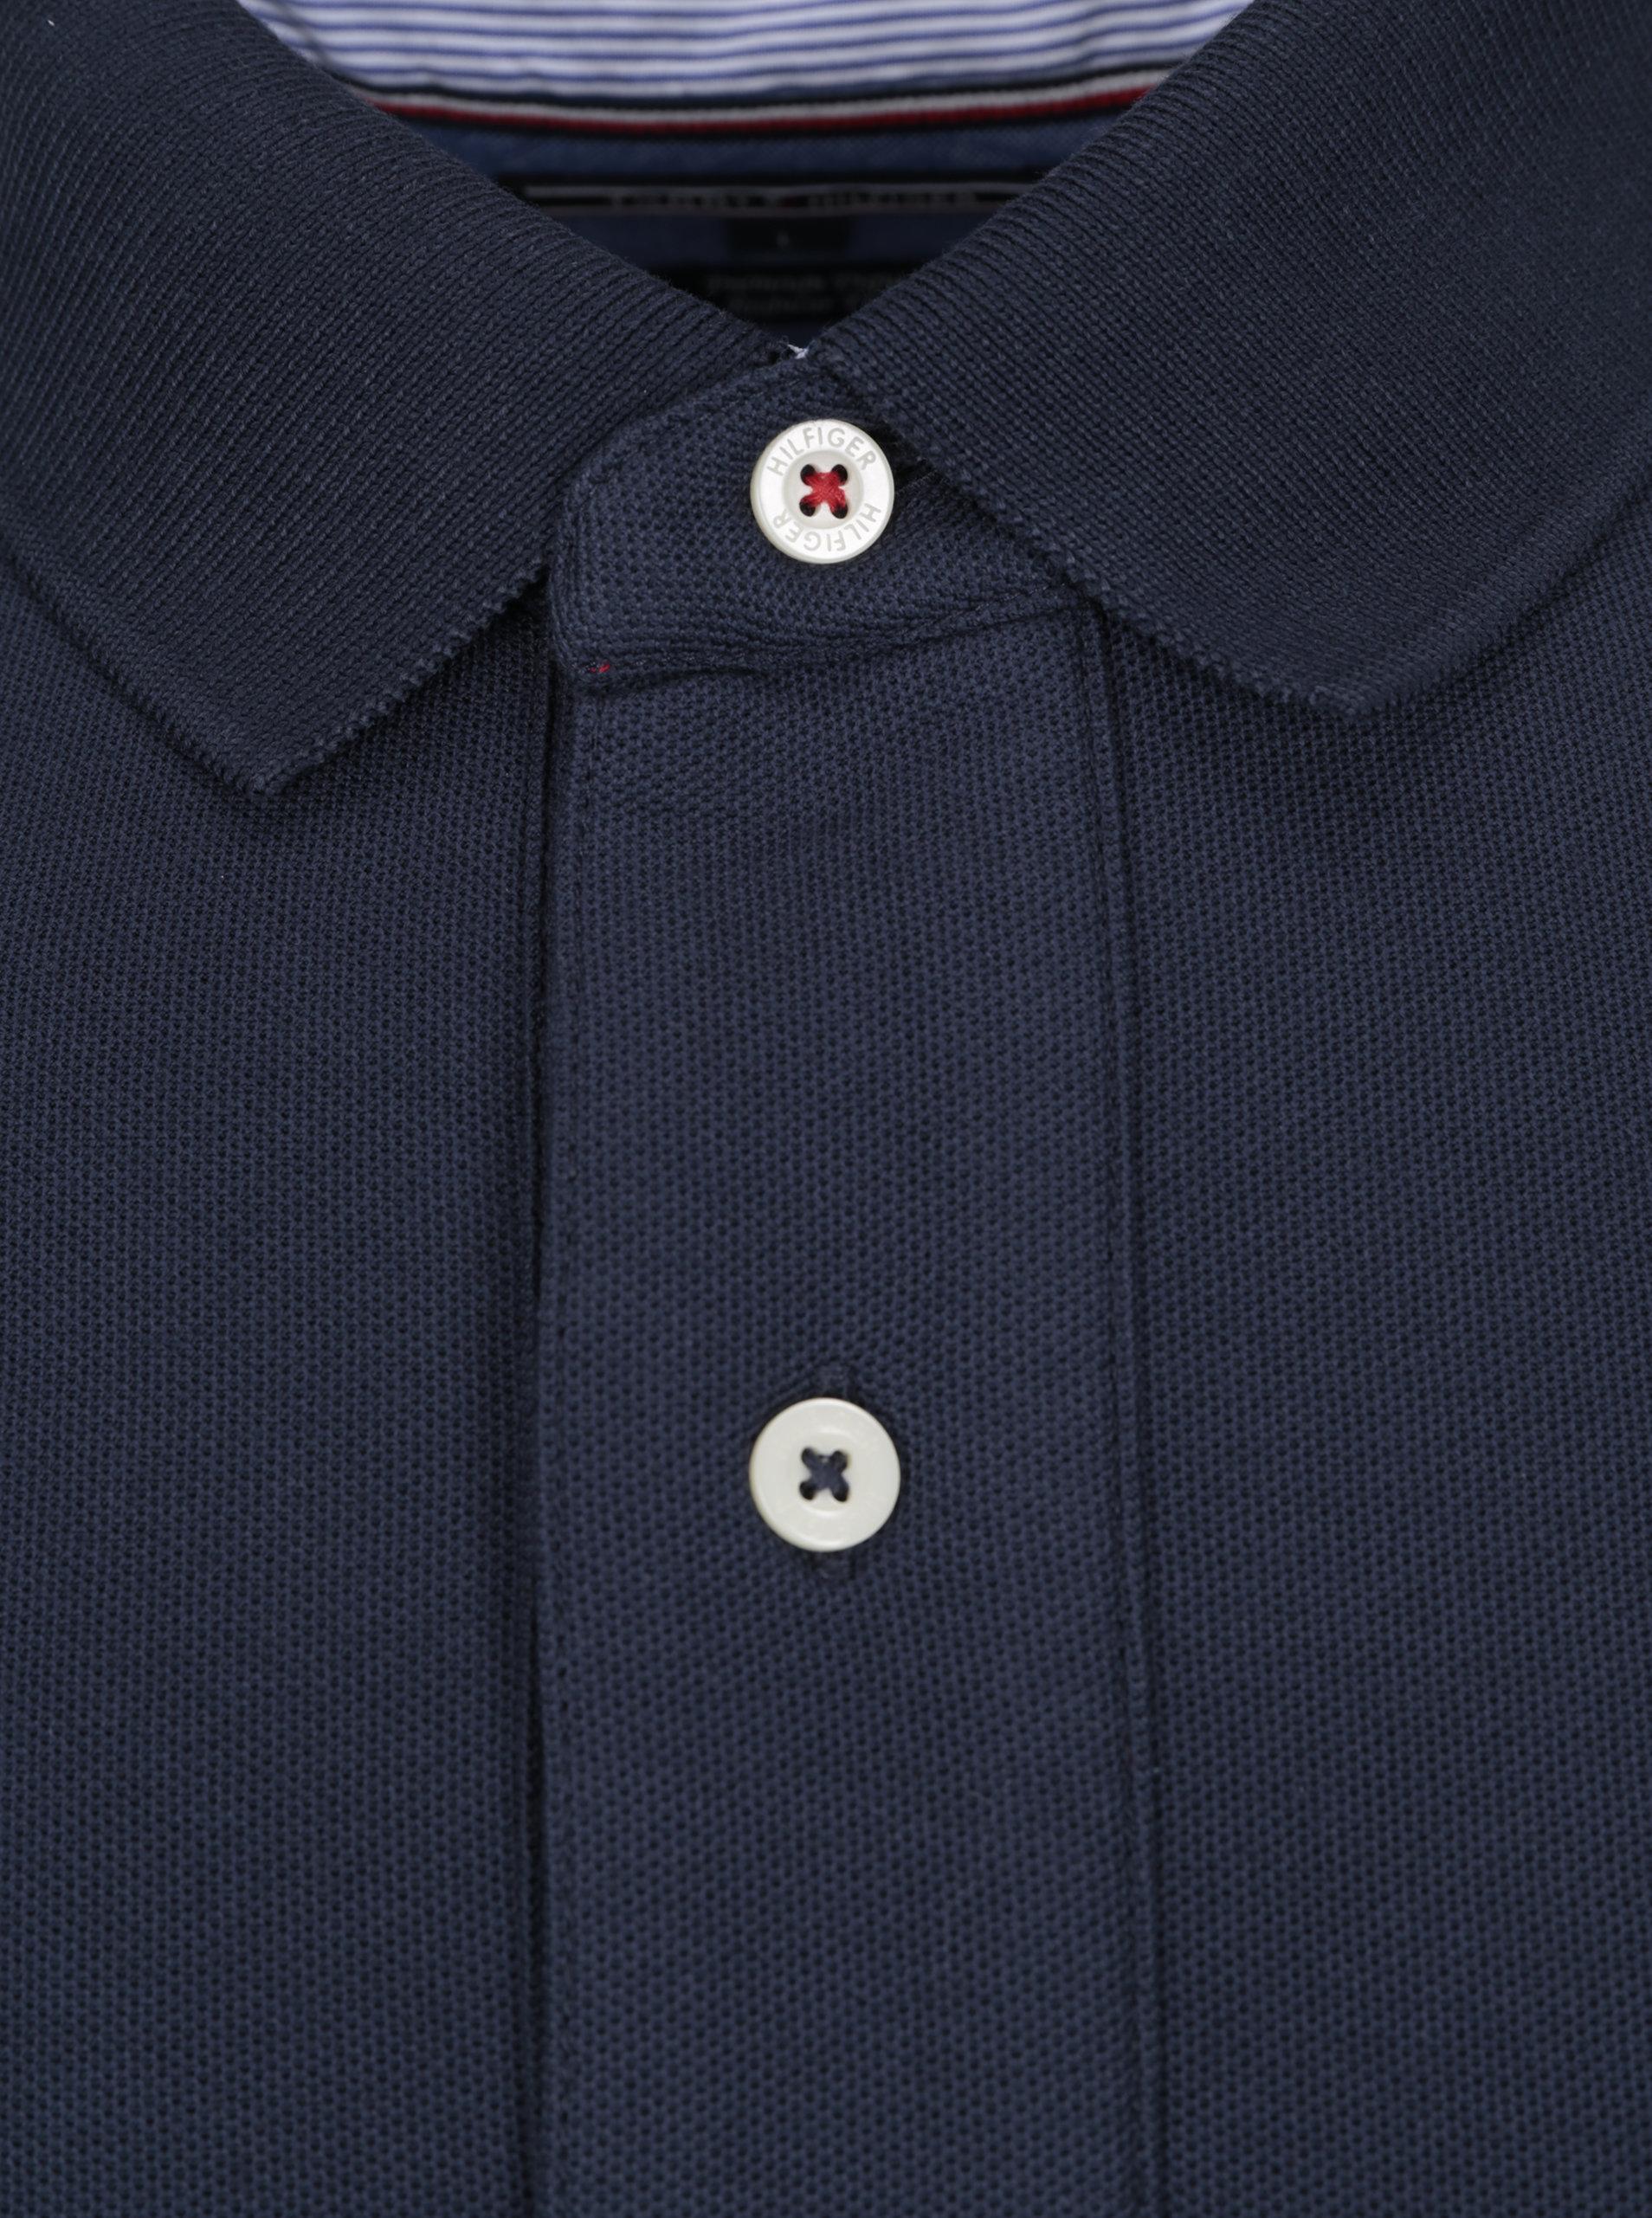 f28844d089 Tmavě modré pánské regular fit polo tričko Tommy Hilfiger ...